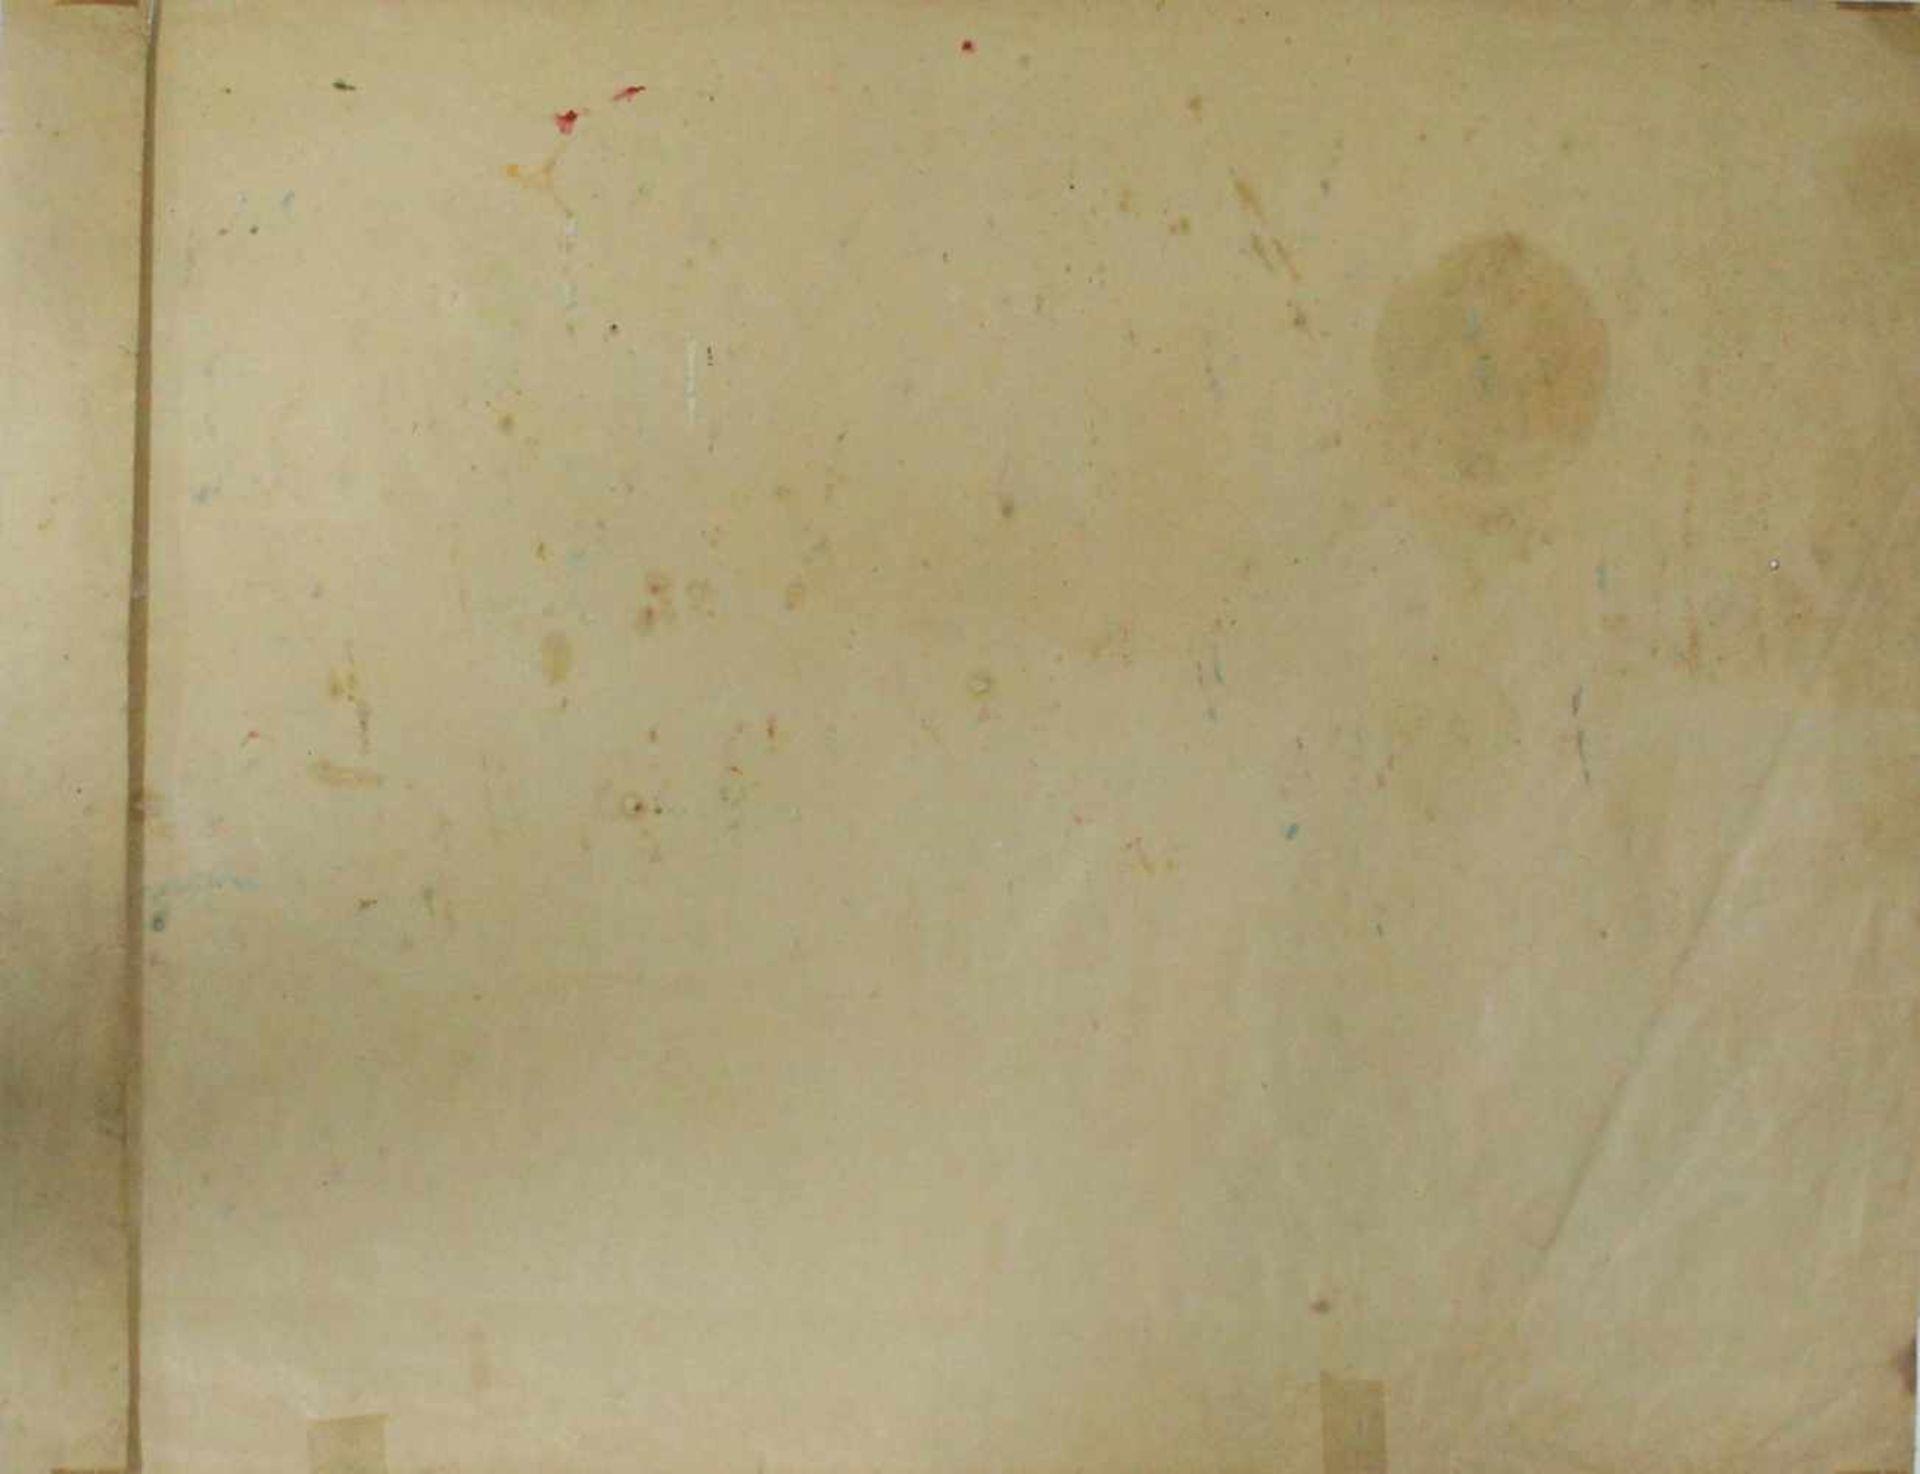 Karl Ottmar Kratochwill geb. 1910 Der Reigen 1932 Öl auf Papier handsigniert, datiert und betitelt - Bild 5 aus 5